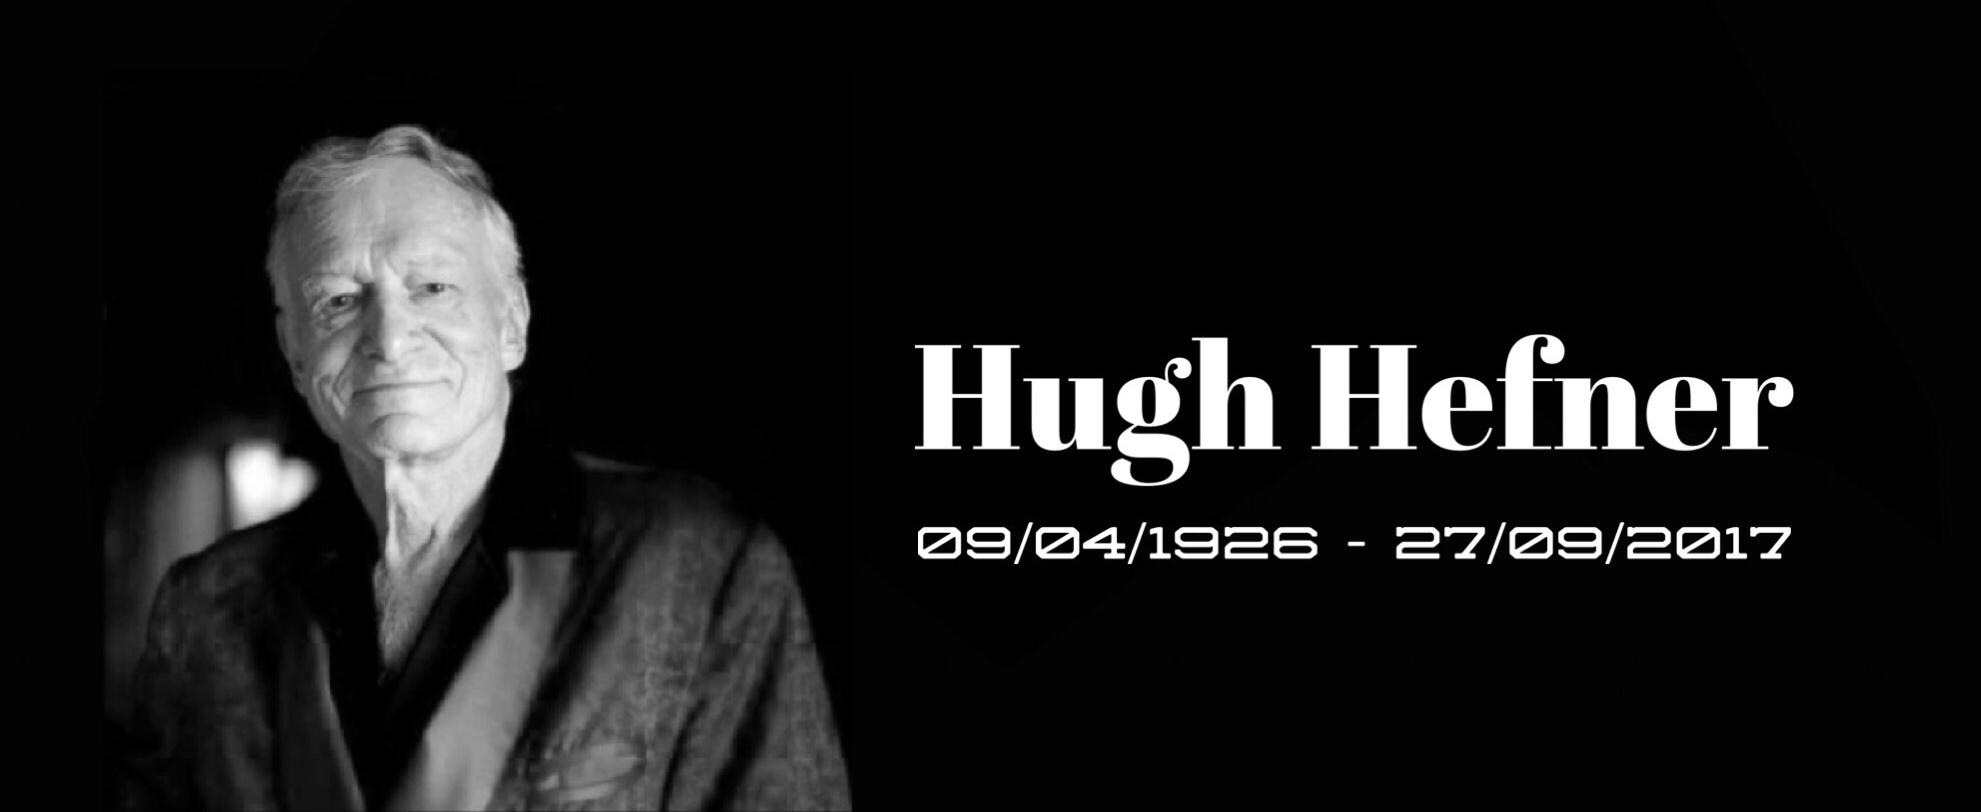 Hugh Hefner, fundador da Playboy, morre aos 91 anos 3